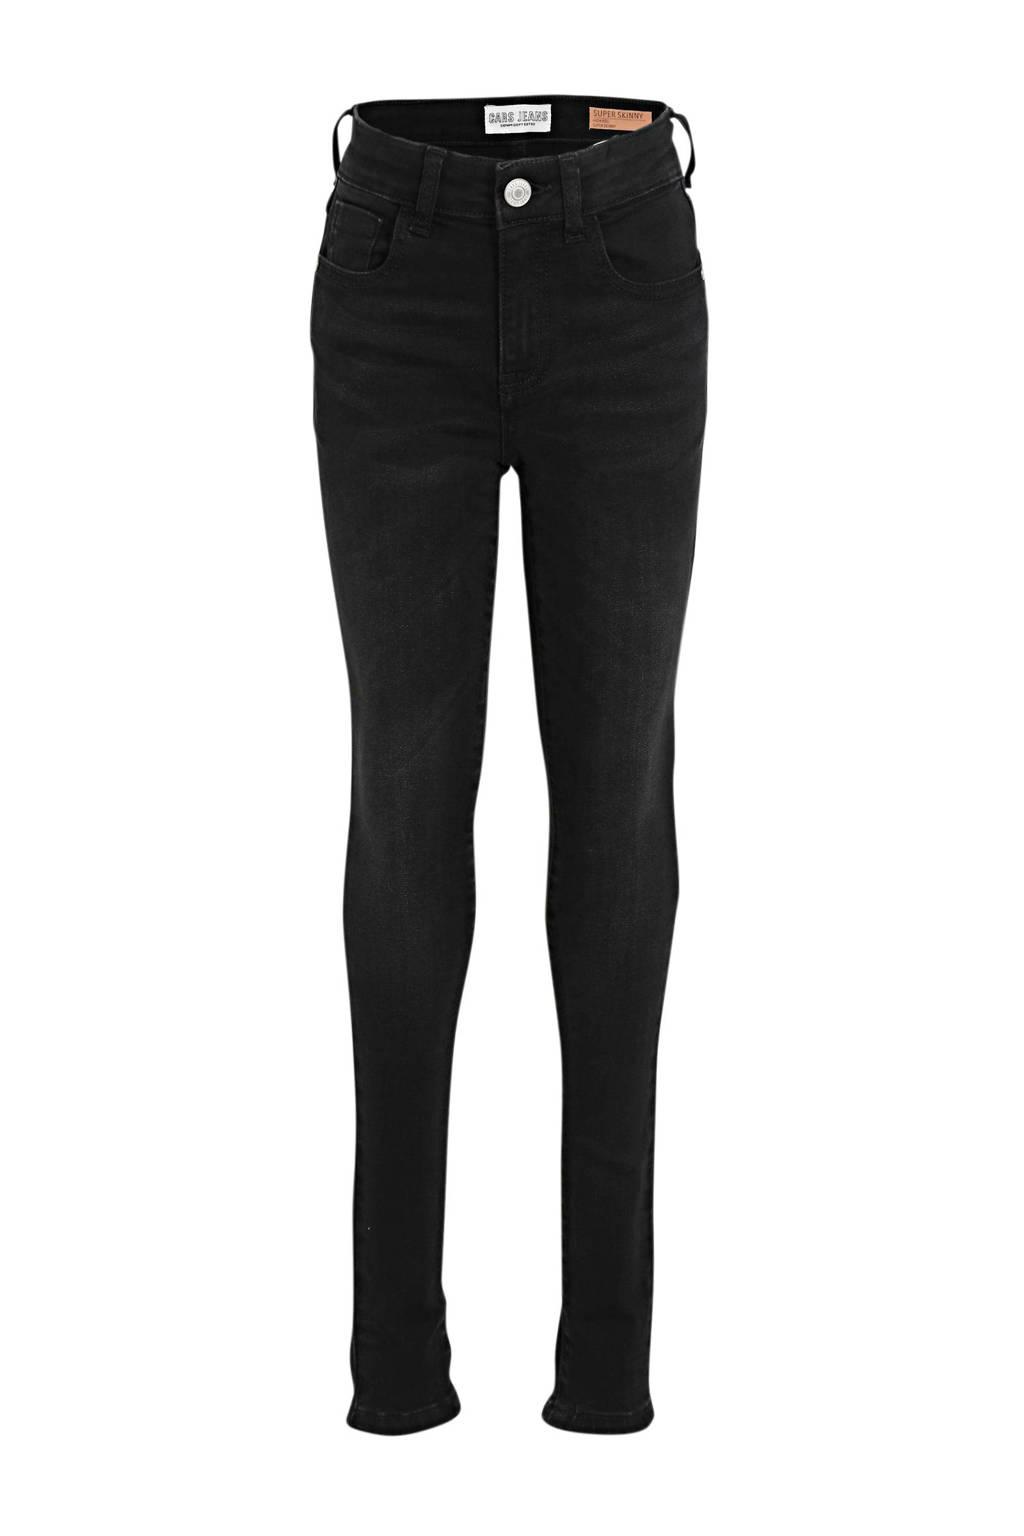 Cars high waist skinny jeans Ophelia black used, Black used